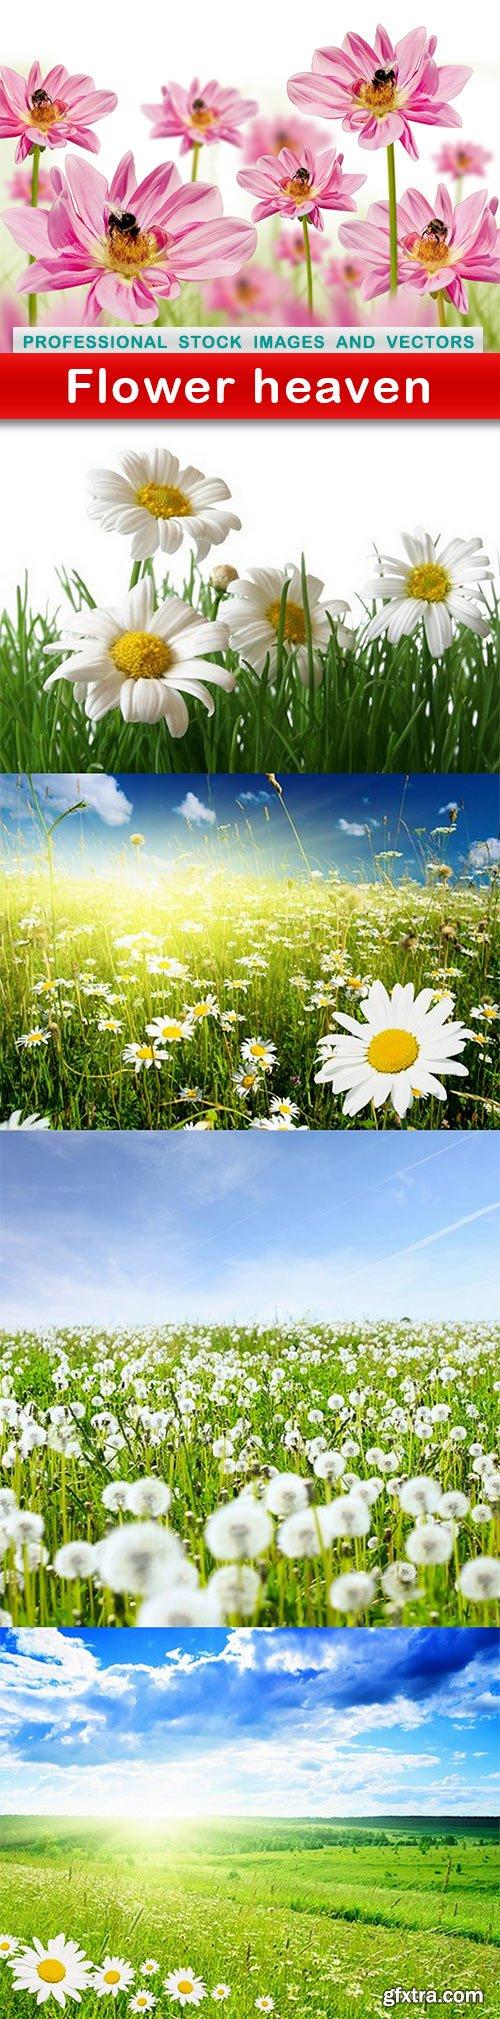 Flower heaven - 5 UHQ JPEG